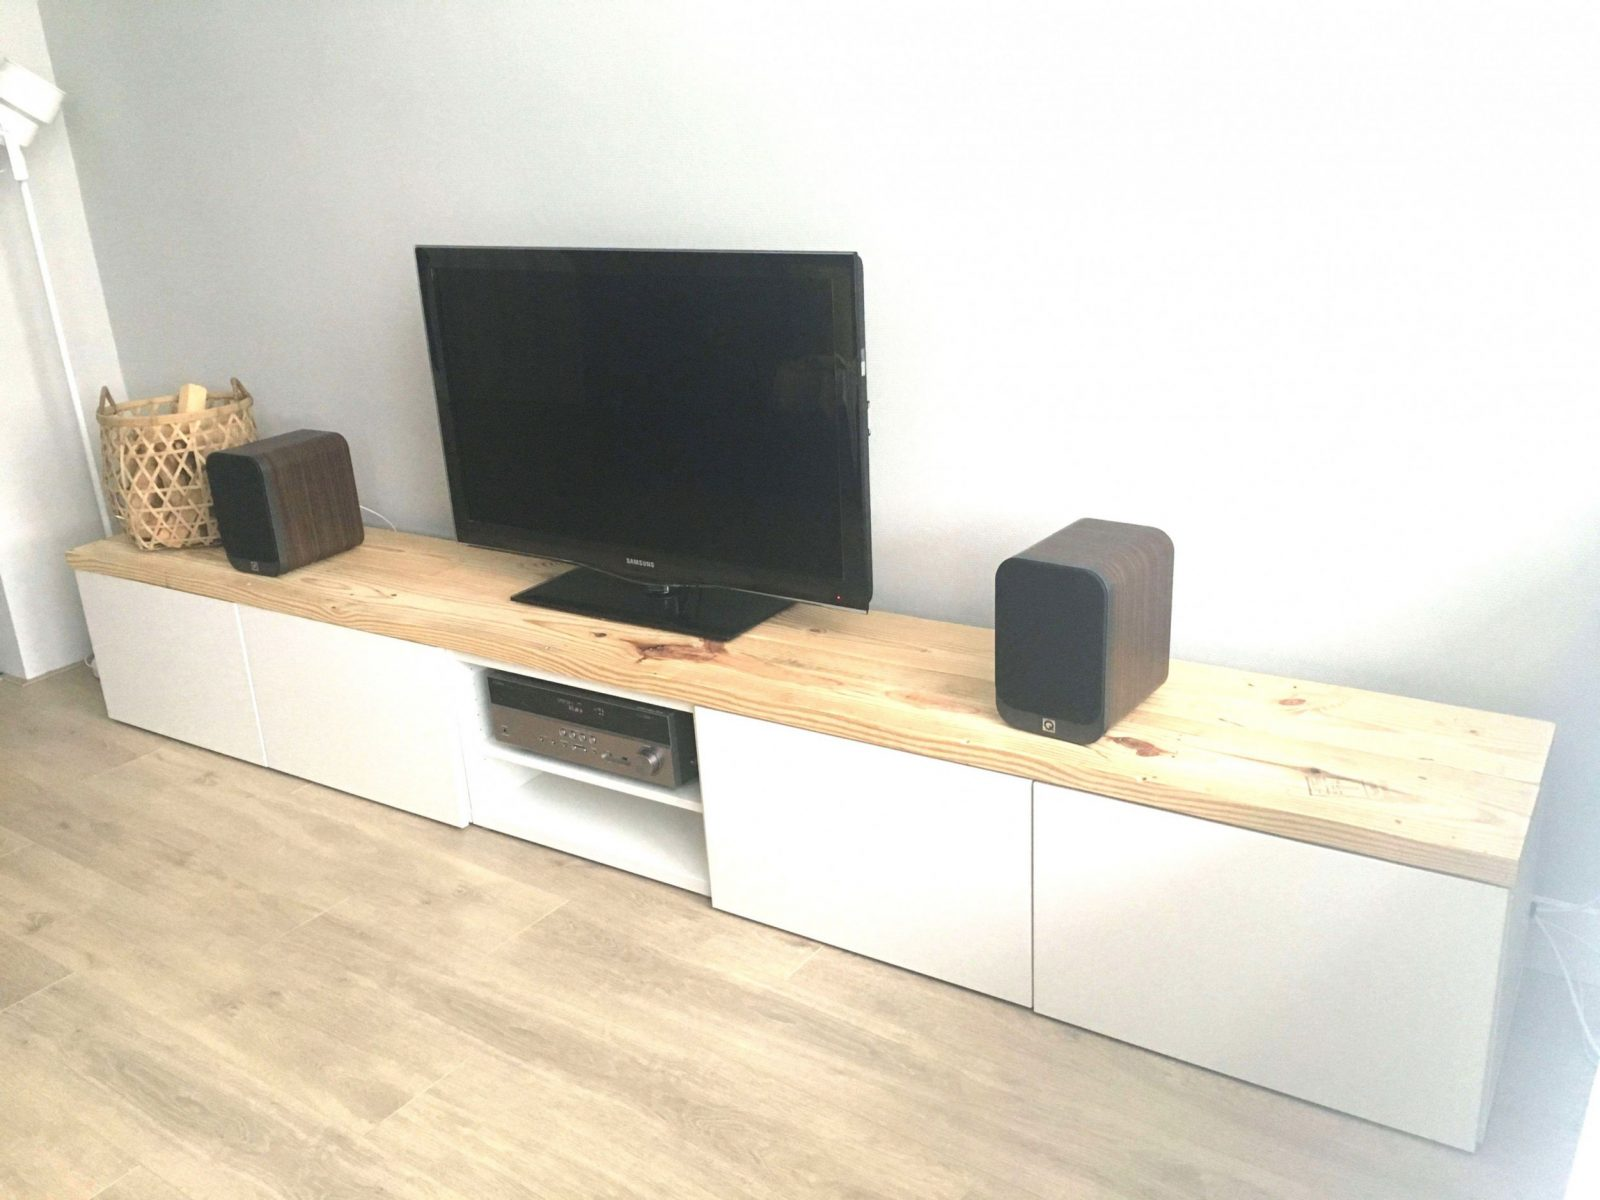 35 Impressionnant Tv Lowboard Selber Bauen Bauanleitung  Ahhadesigns von Tv Schrank Selber Bauen Anleitung Bild